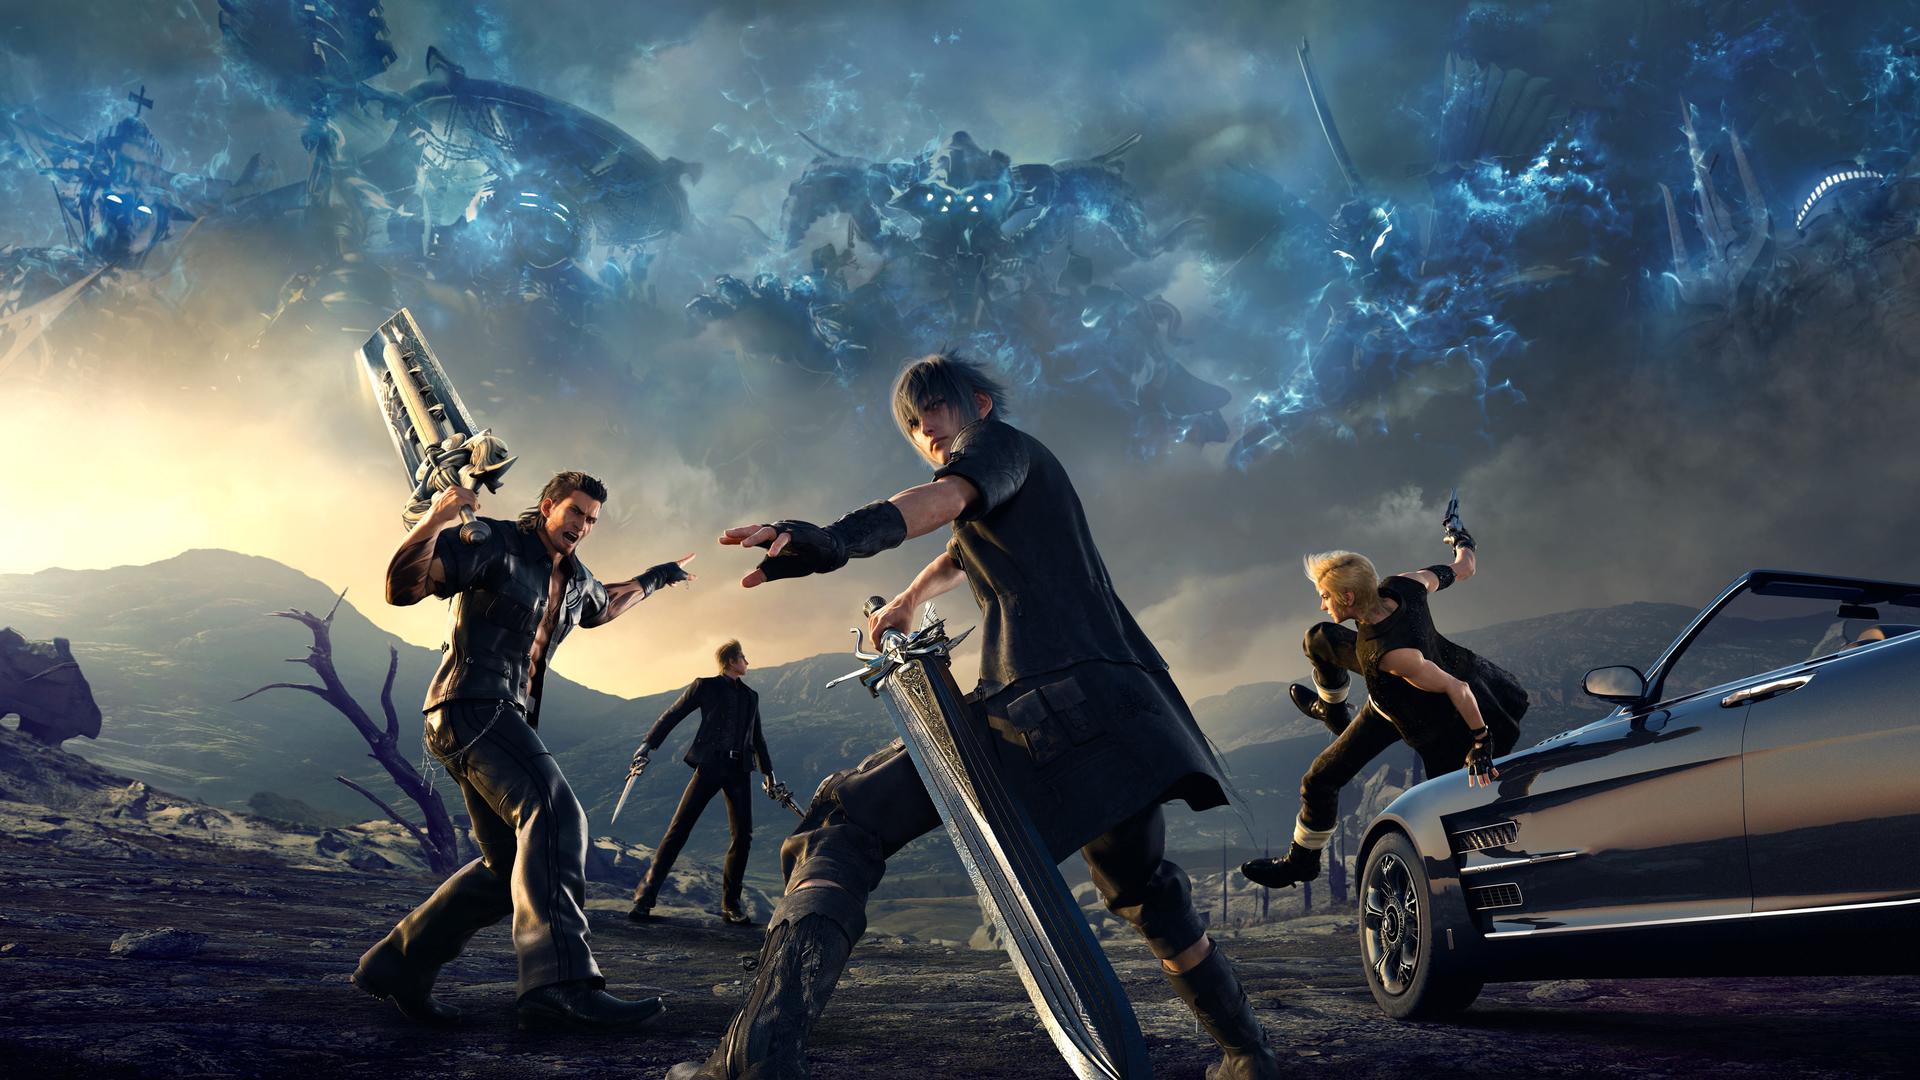 El increíble tráiler de lanzamiento del Final Fantasy XV